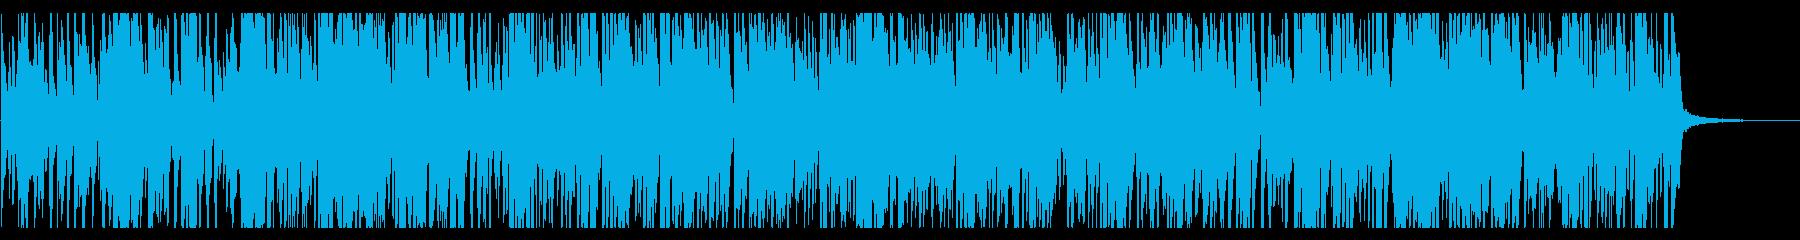 オシャレで疾走感のあるピアノジャズの再生済みの波形